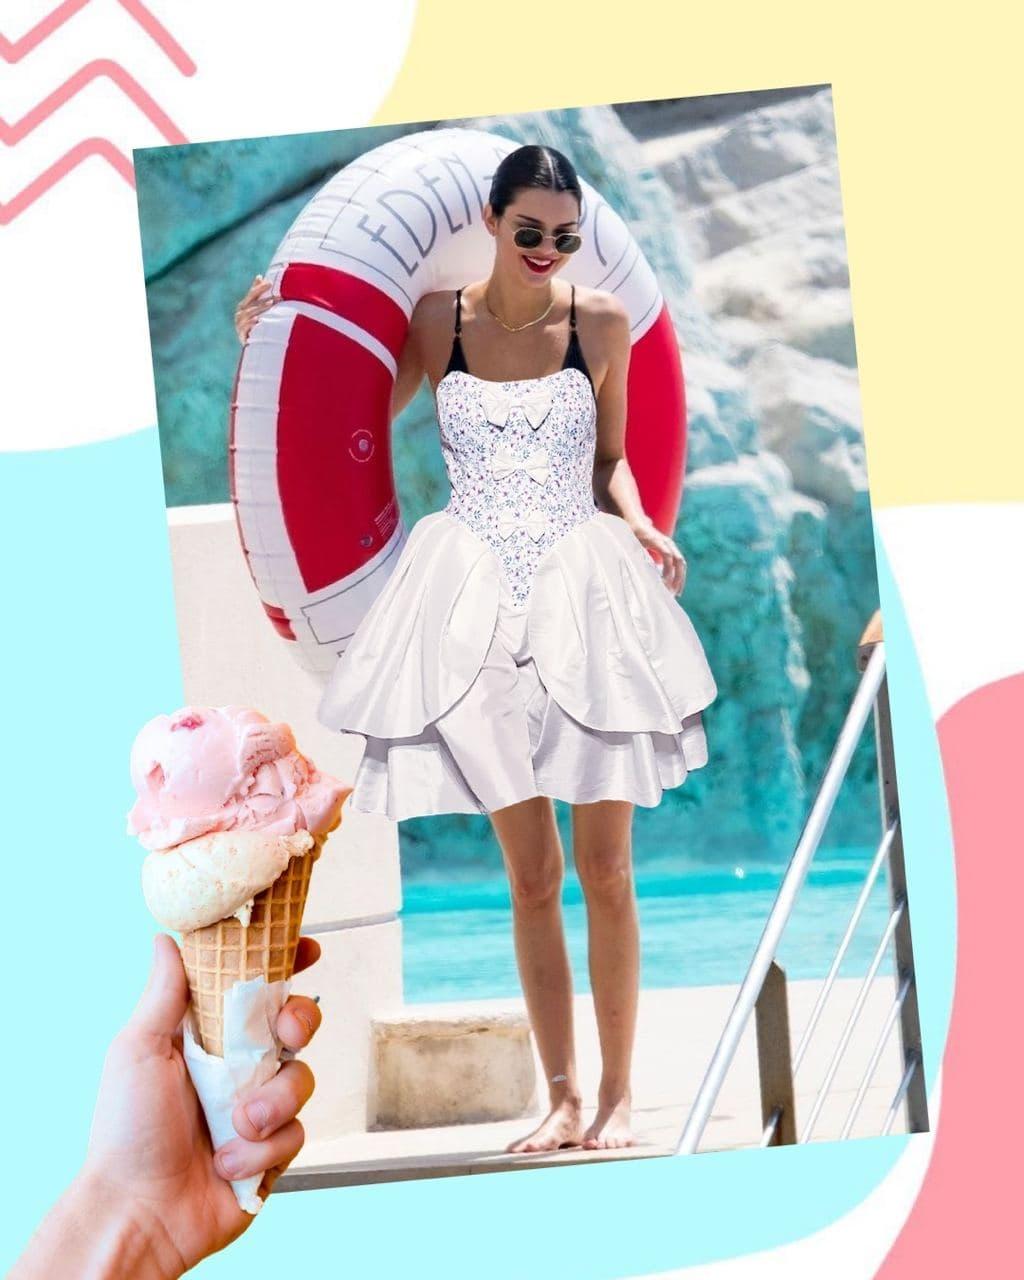 Звездный флешмоб: дизайнер Дарья Донец в шутку примерила свои наряды на мировых знаменитостях (ФОТО) - фото №5